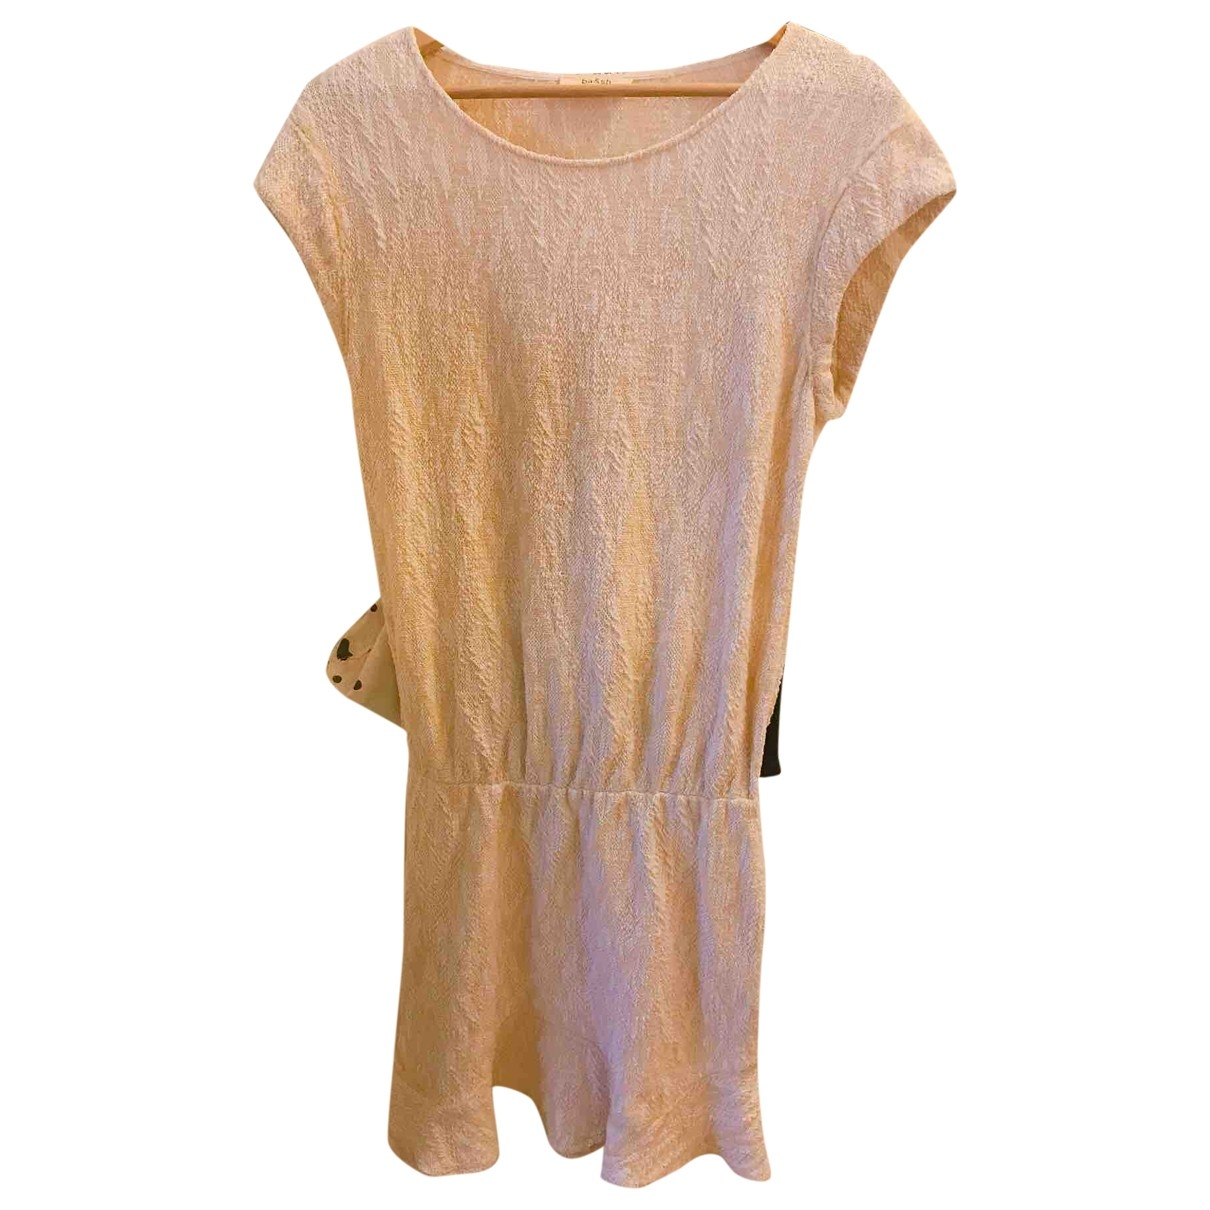 Ba&sh \N Beige Cotton dress for Women 34 FR